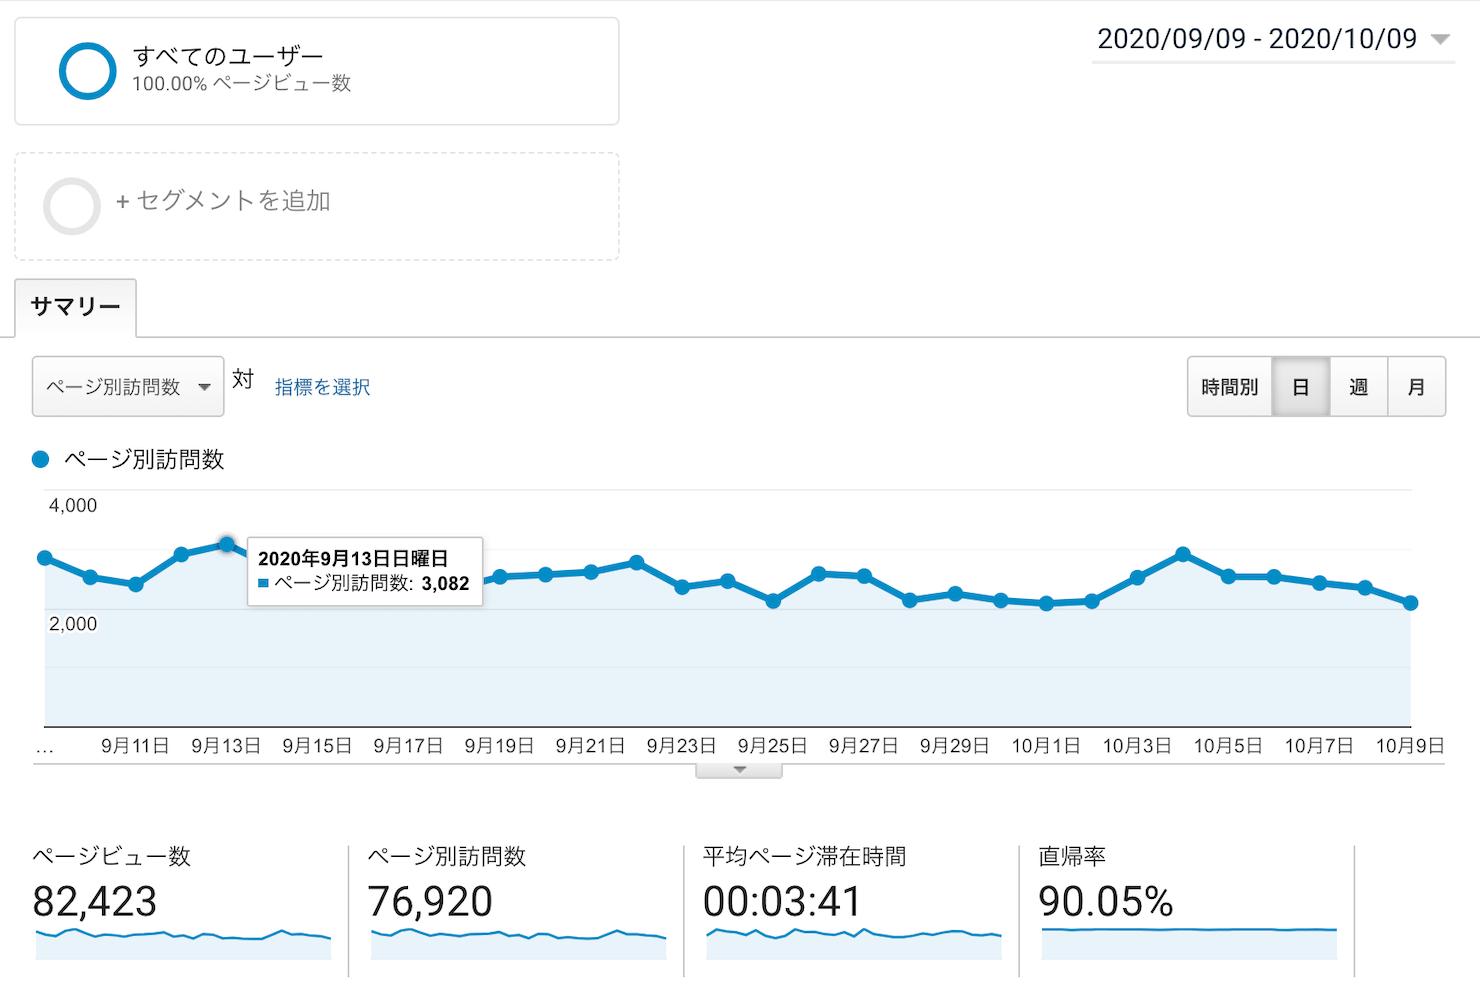 現在のブログのpvの推移のグラフ